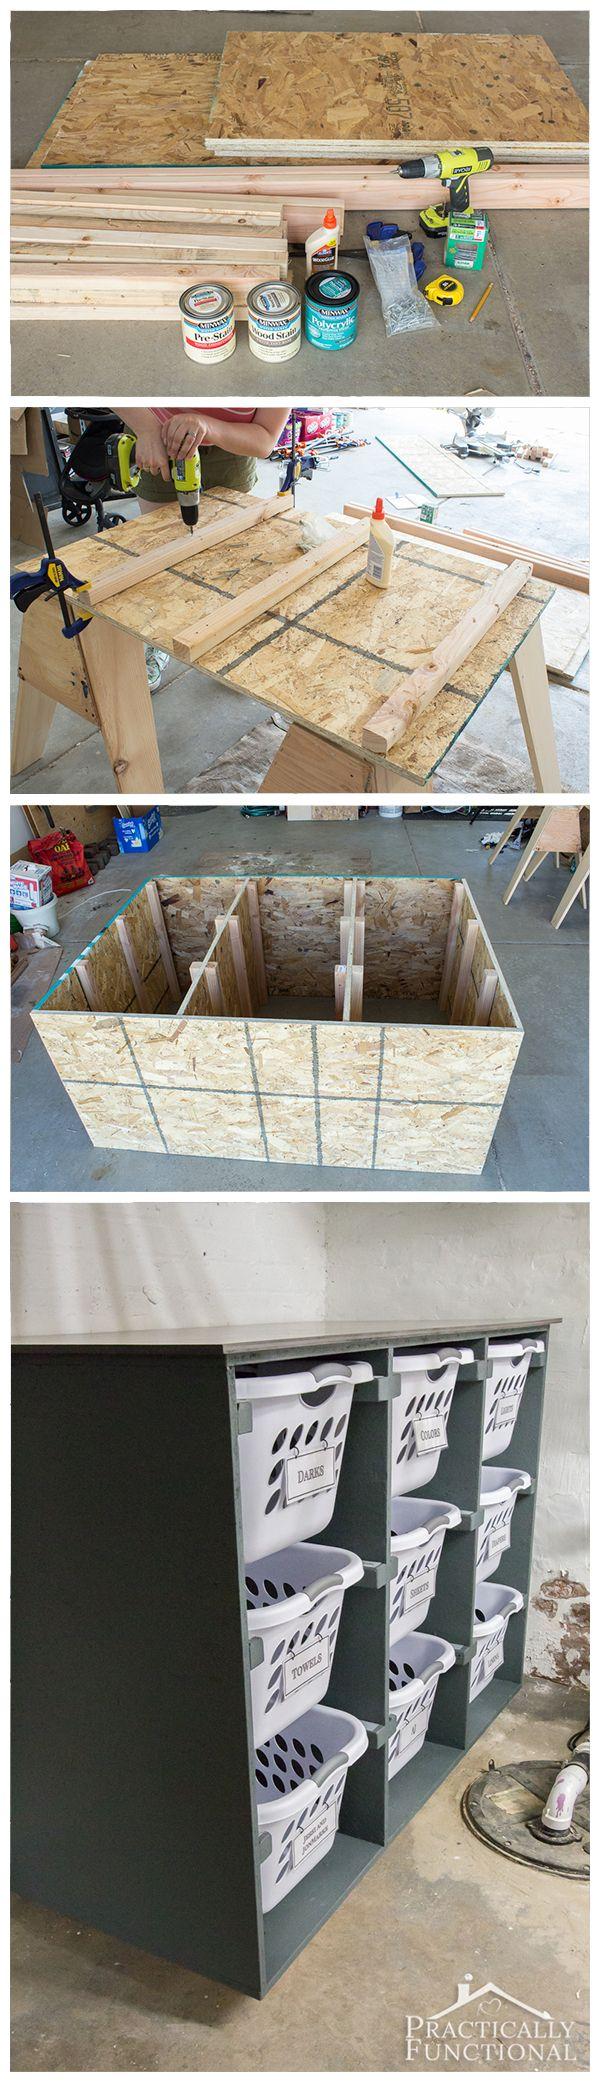 bauen sie eine einfache w schekorb kommode halten sie ihre waschk che organisiert verstaut 9. Black Bedroom Furniture Sets. Home Design Ideas